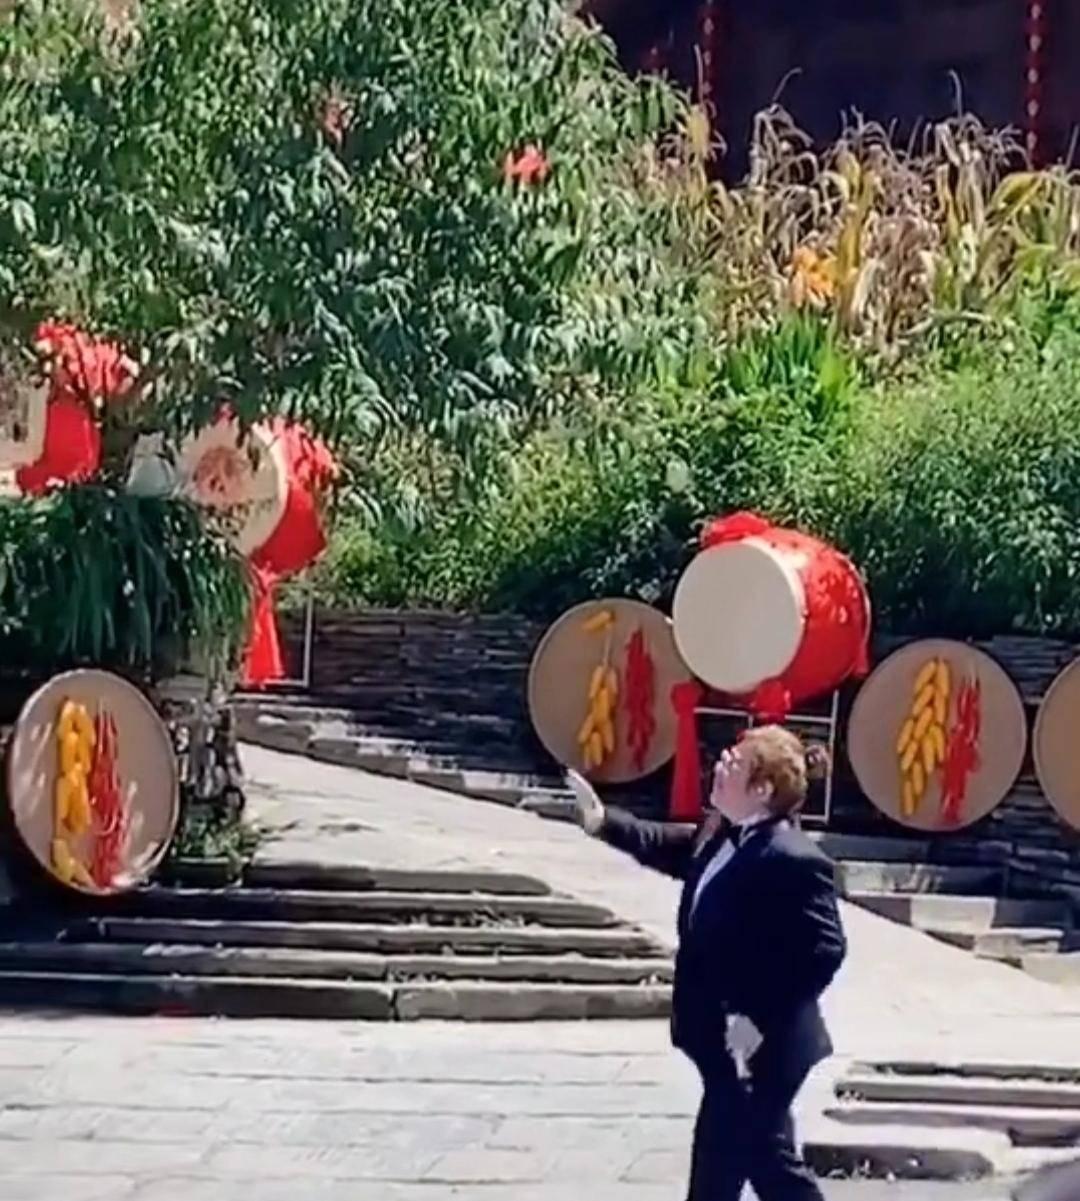 韩红做公益现身,穿一身西装唱歌,